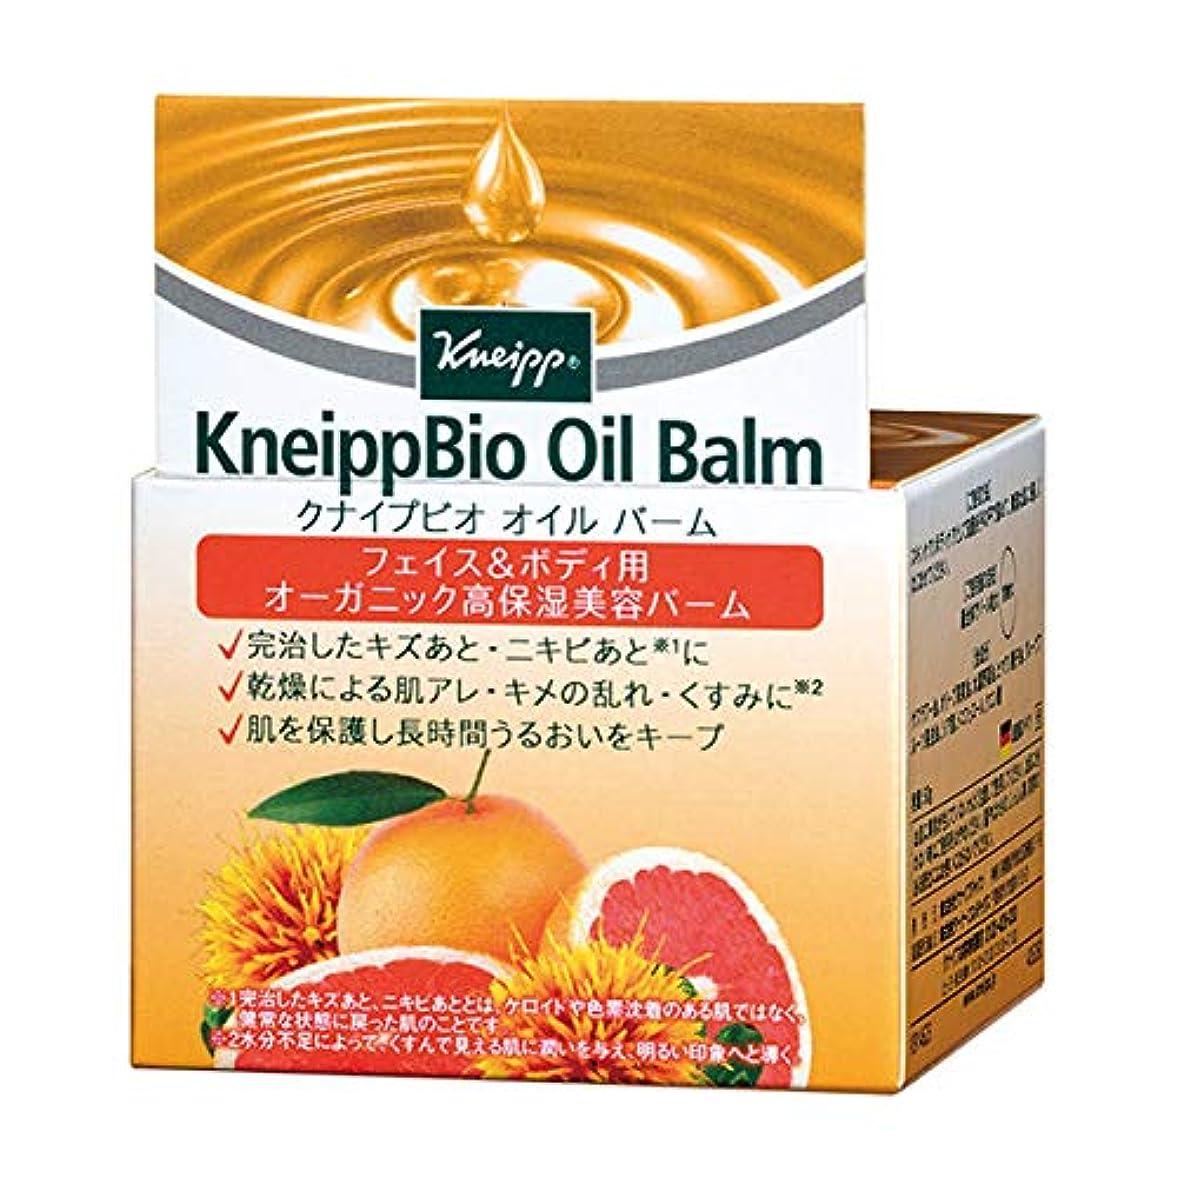 リスクエミュレーション眉クナイプ(Kneipp) クナイプビオ オイル バーム 50g 美容液